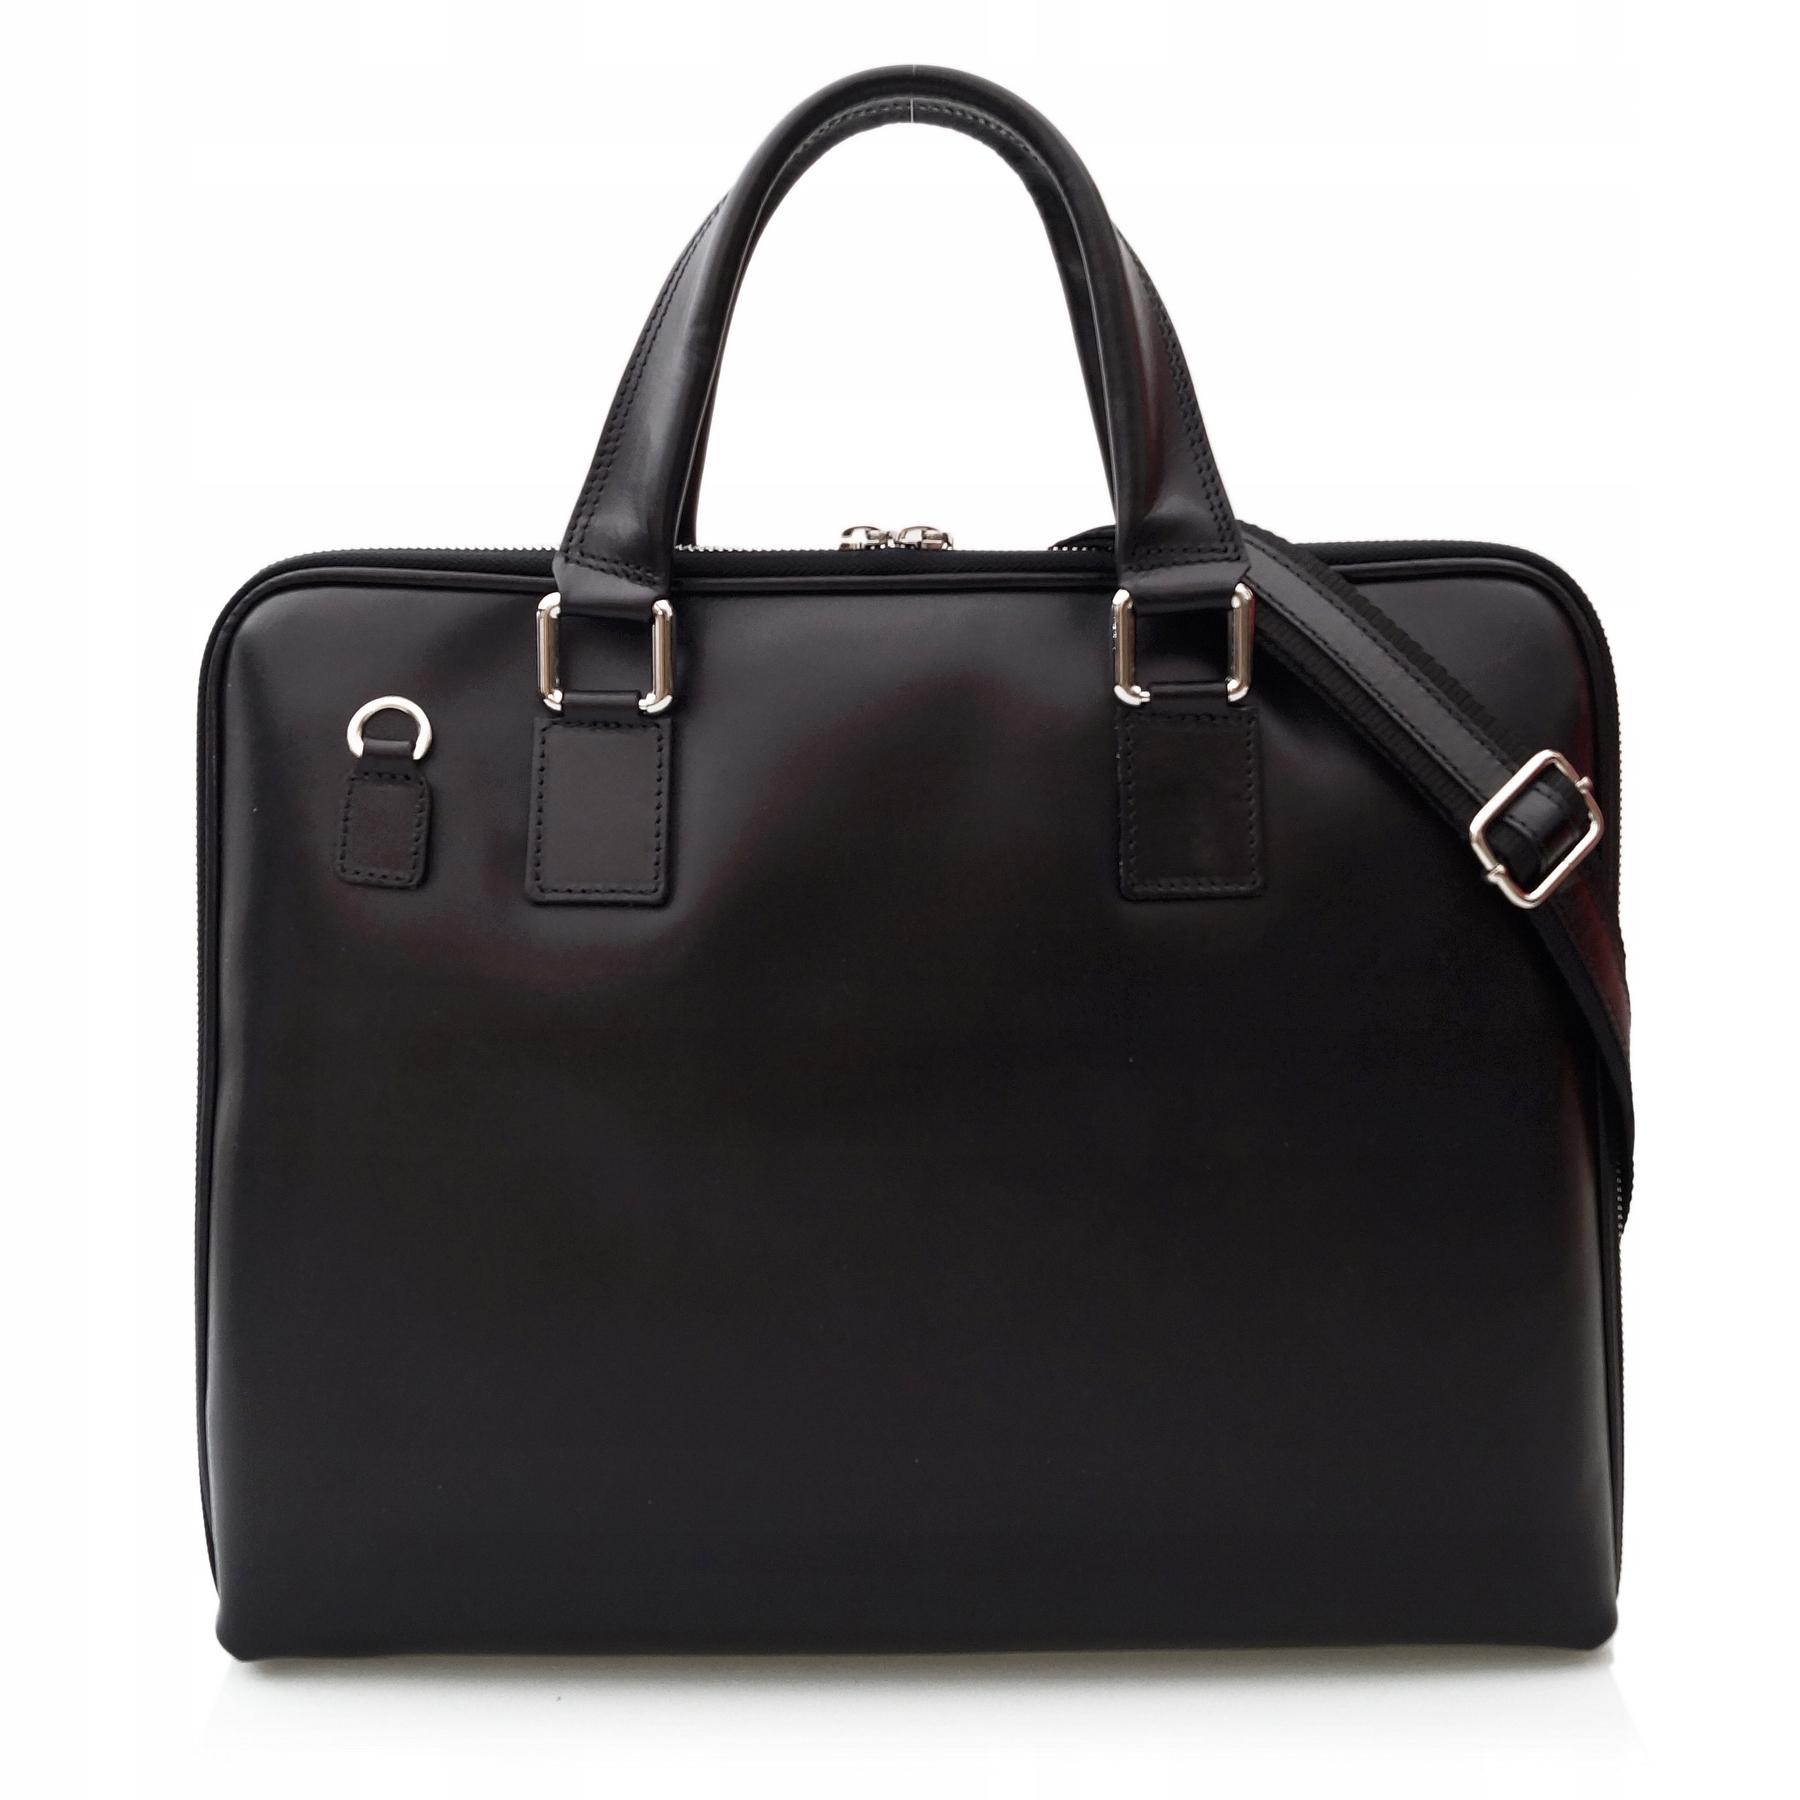 Vera Pelle torebka skórzana teczka A4 V410 czarna